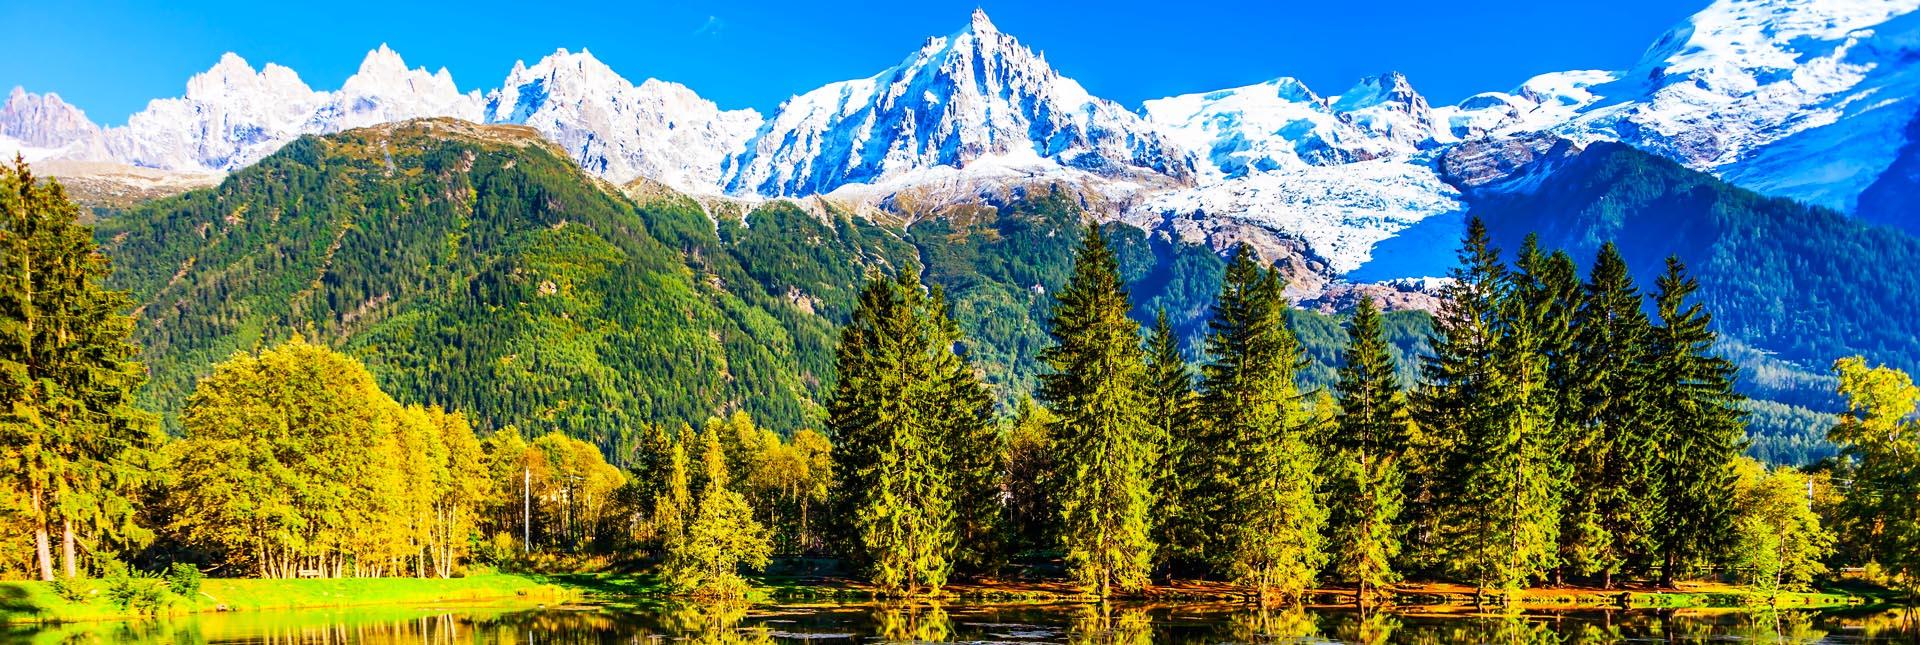 Scenic views around Zermatt